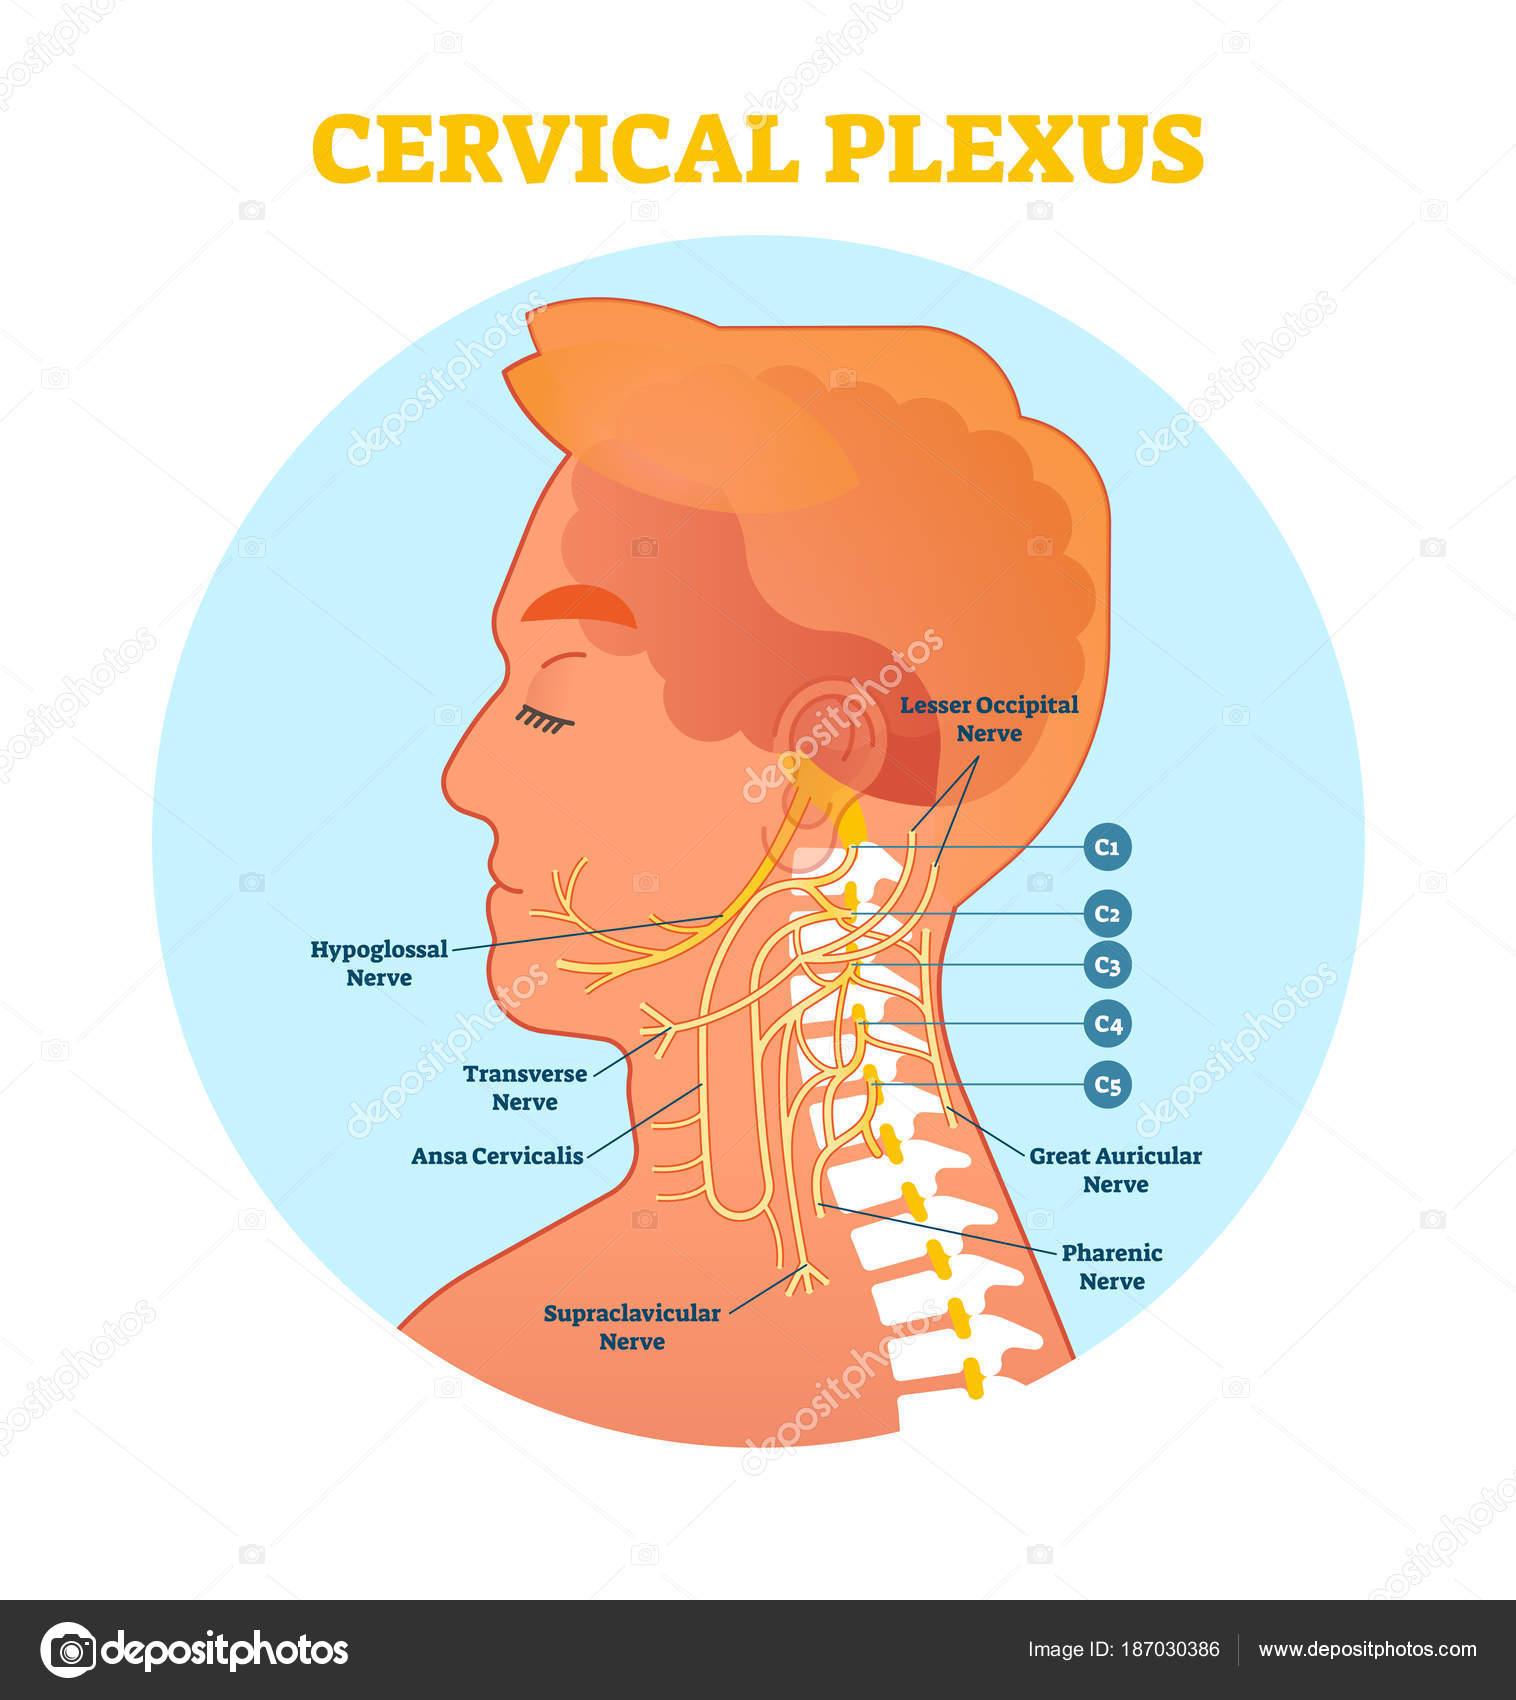 Querschnitt durch zervikalen Plexus anatomische Nerv Diagramm Vektor ...